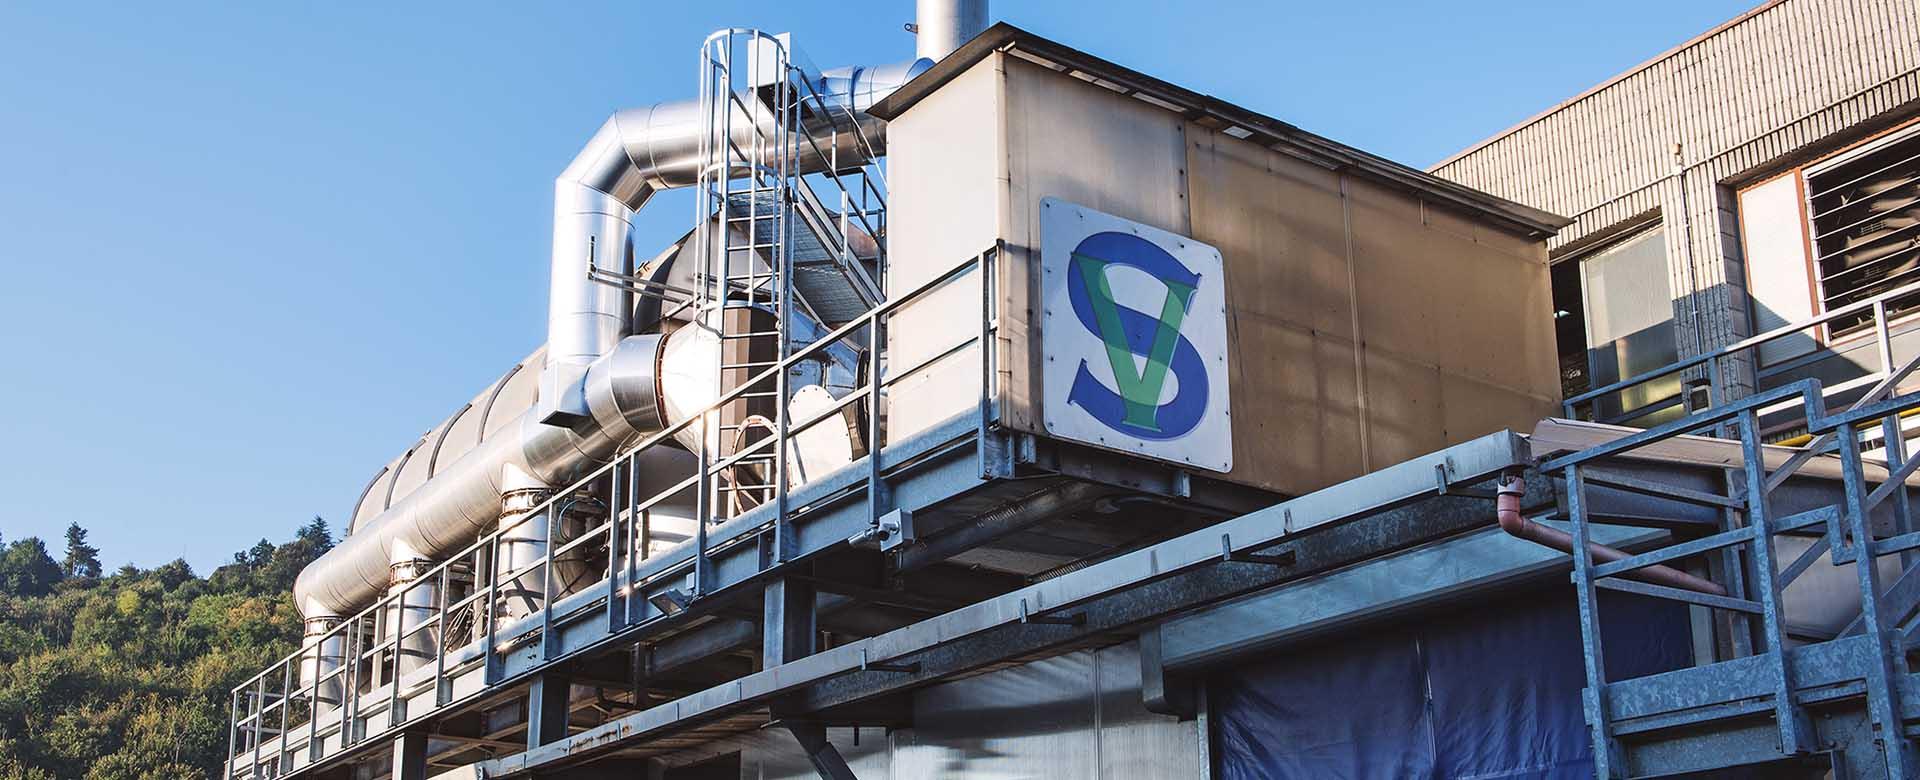 Sv - slide home page